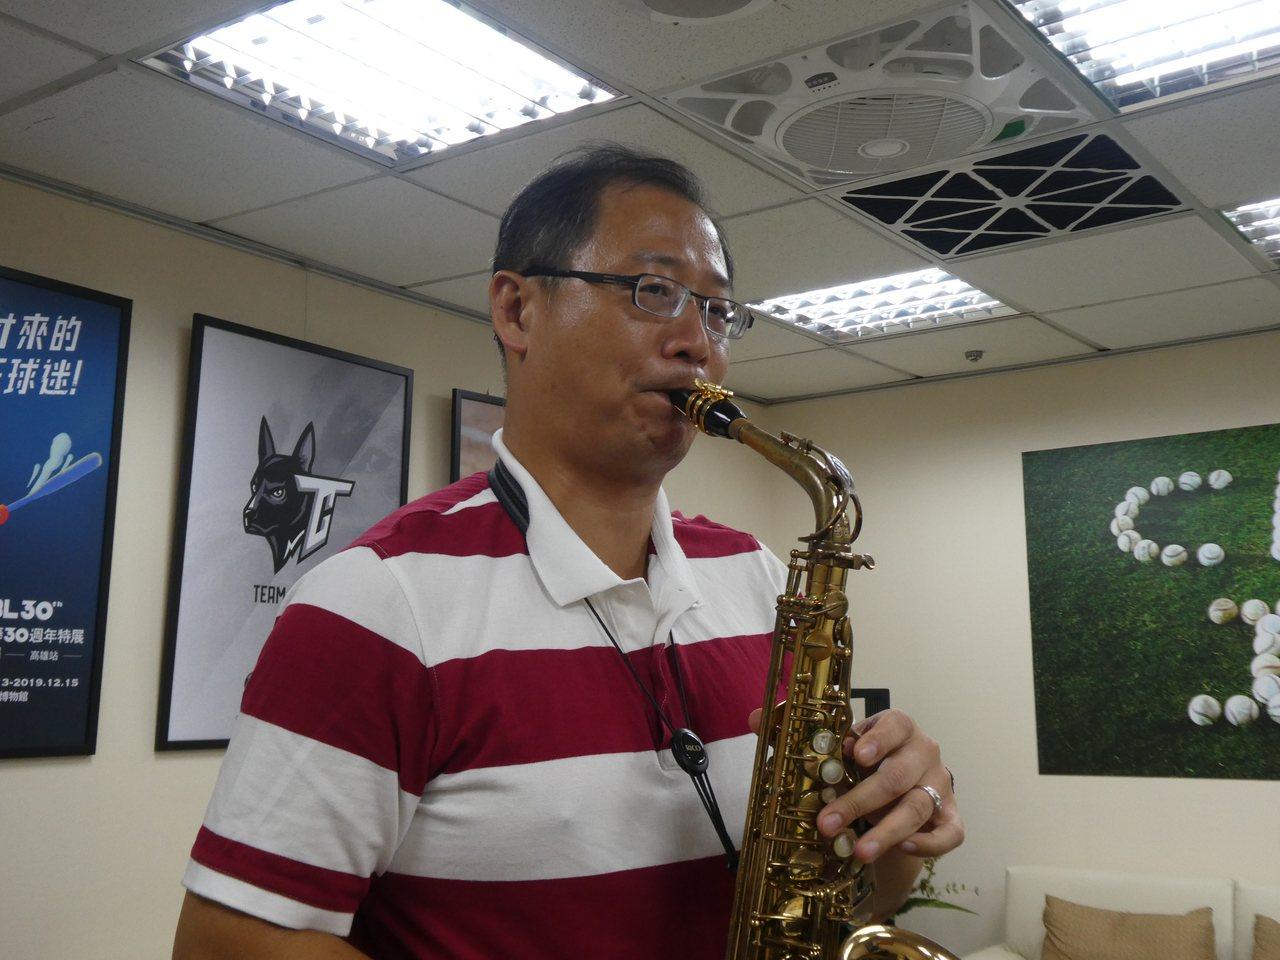 國民黨立委吳志揚經常吹薩克斯風公開演出,也擁有一般音樂人善長的聽音寫譜「相對音感...